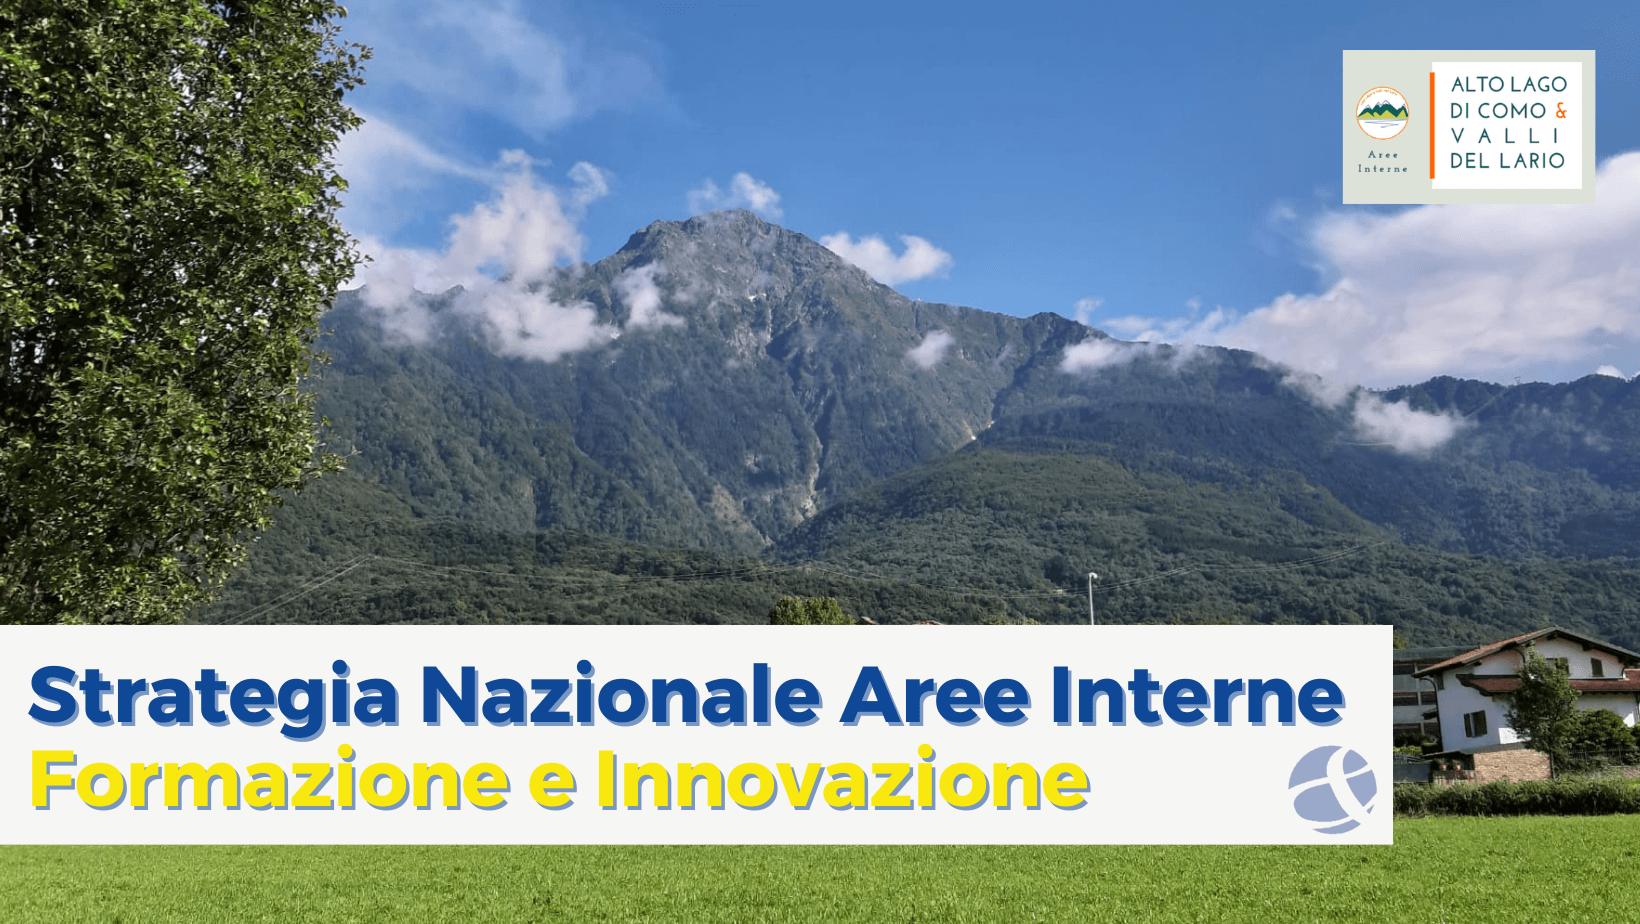 Strategia Alto Lago di Como e Valli del Lario: formazione e innovazione nelle Aree Interne